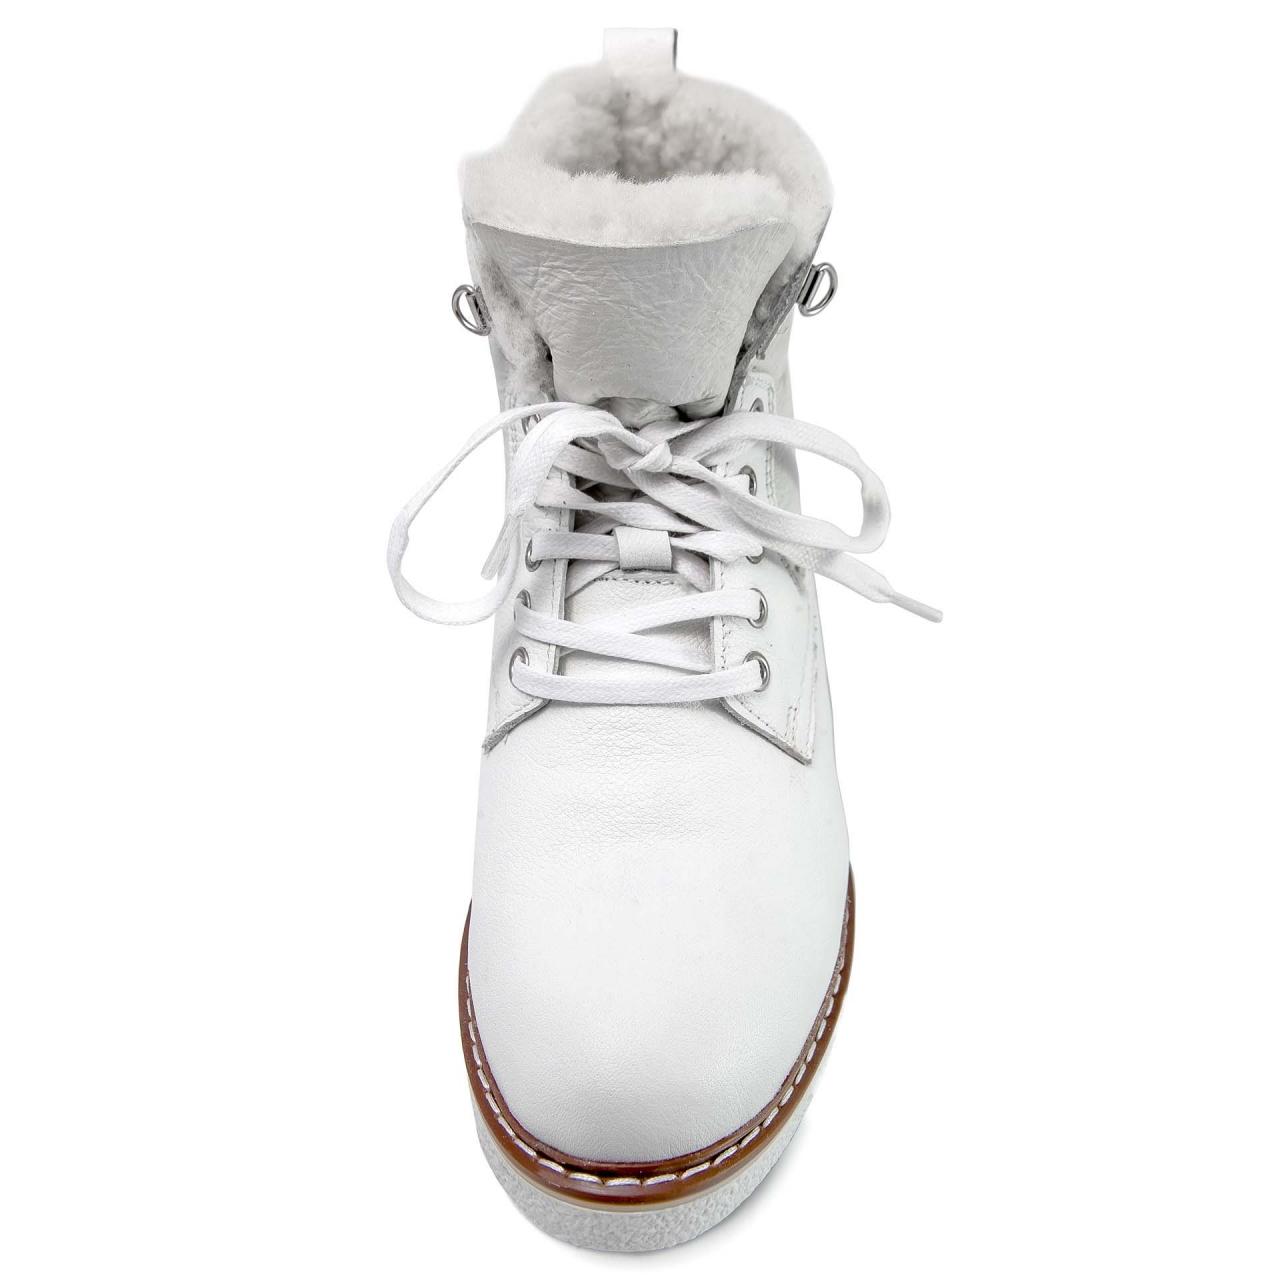 картинка Женские ботинки, арт. 16160-6-00304/80W M от магазина Одежда+